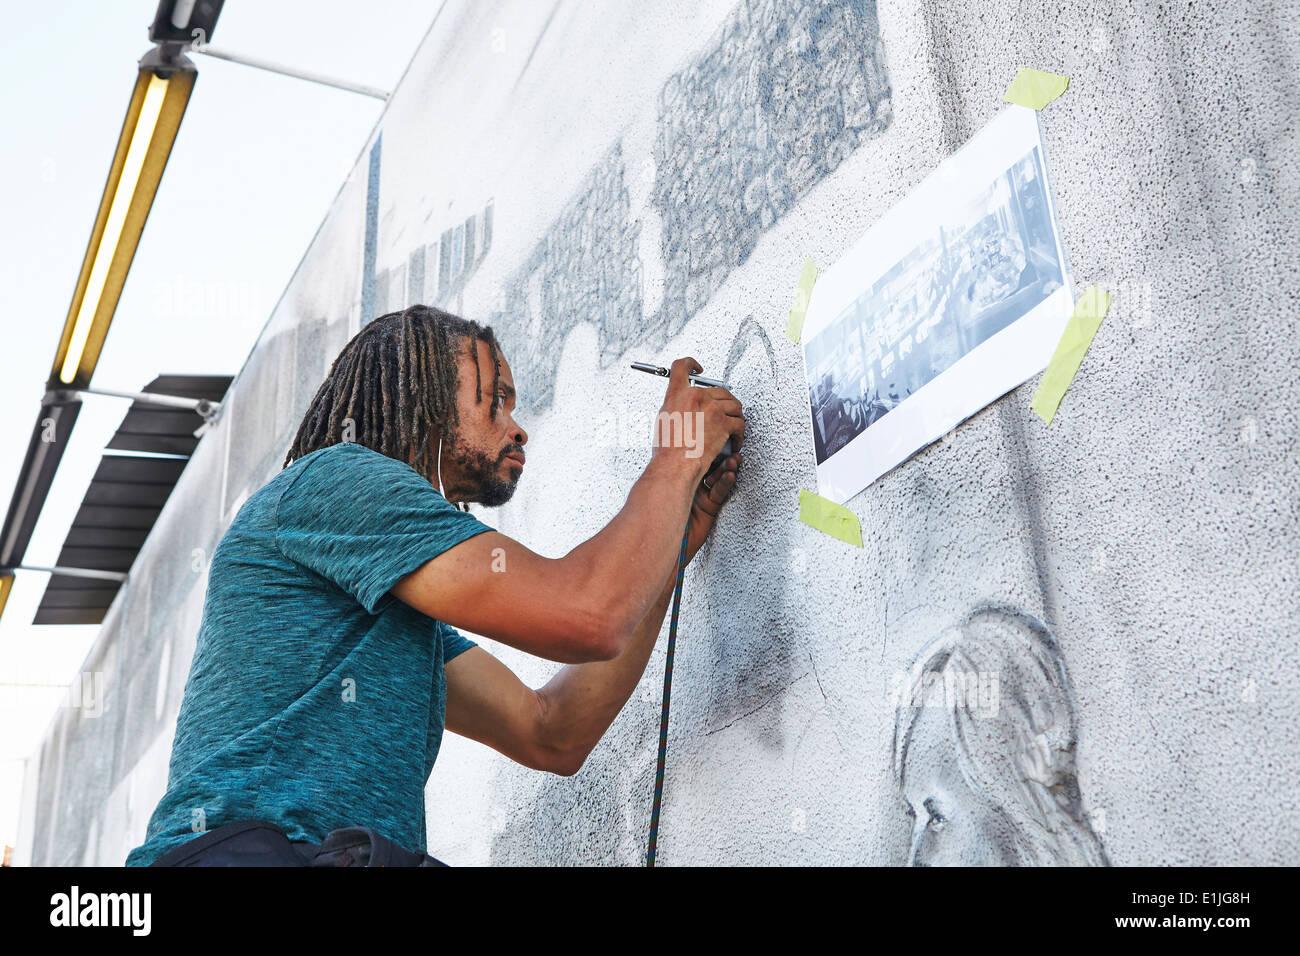 Maschio americano africano aerografo artista pittura murale Immagini Stock